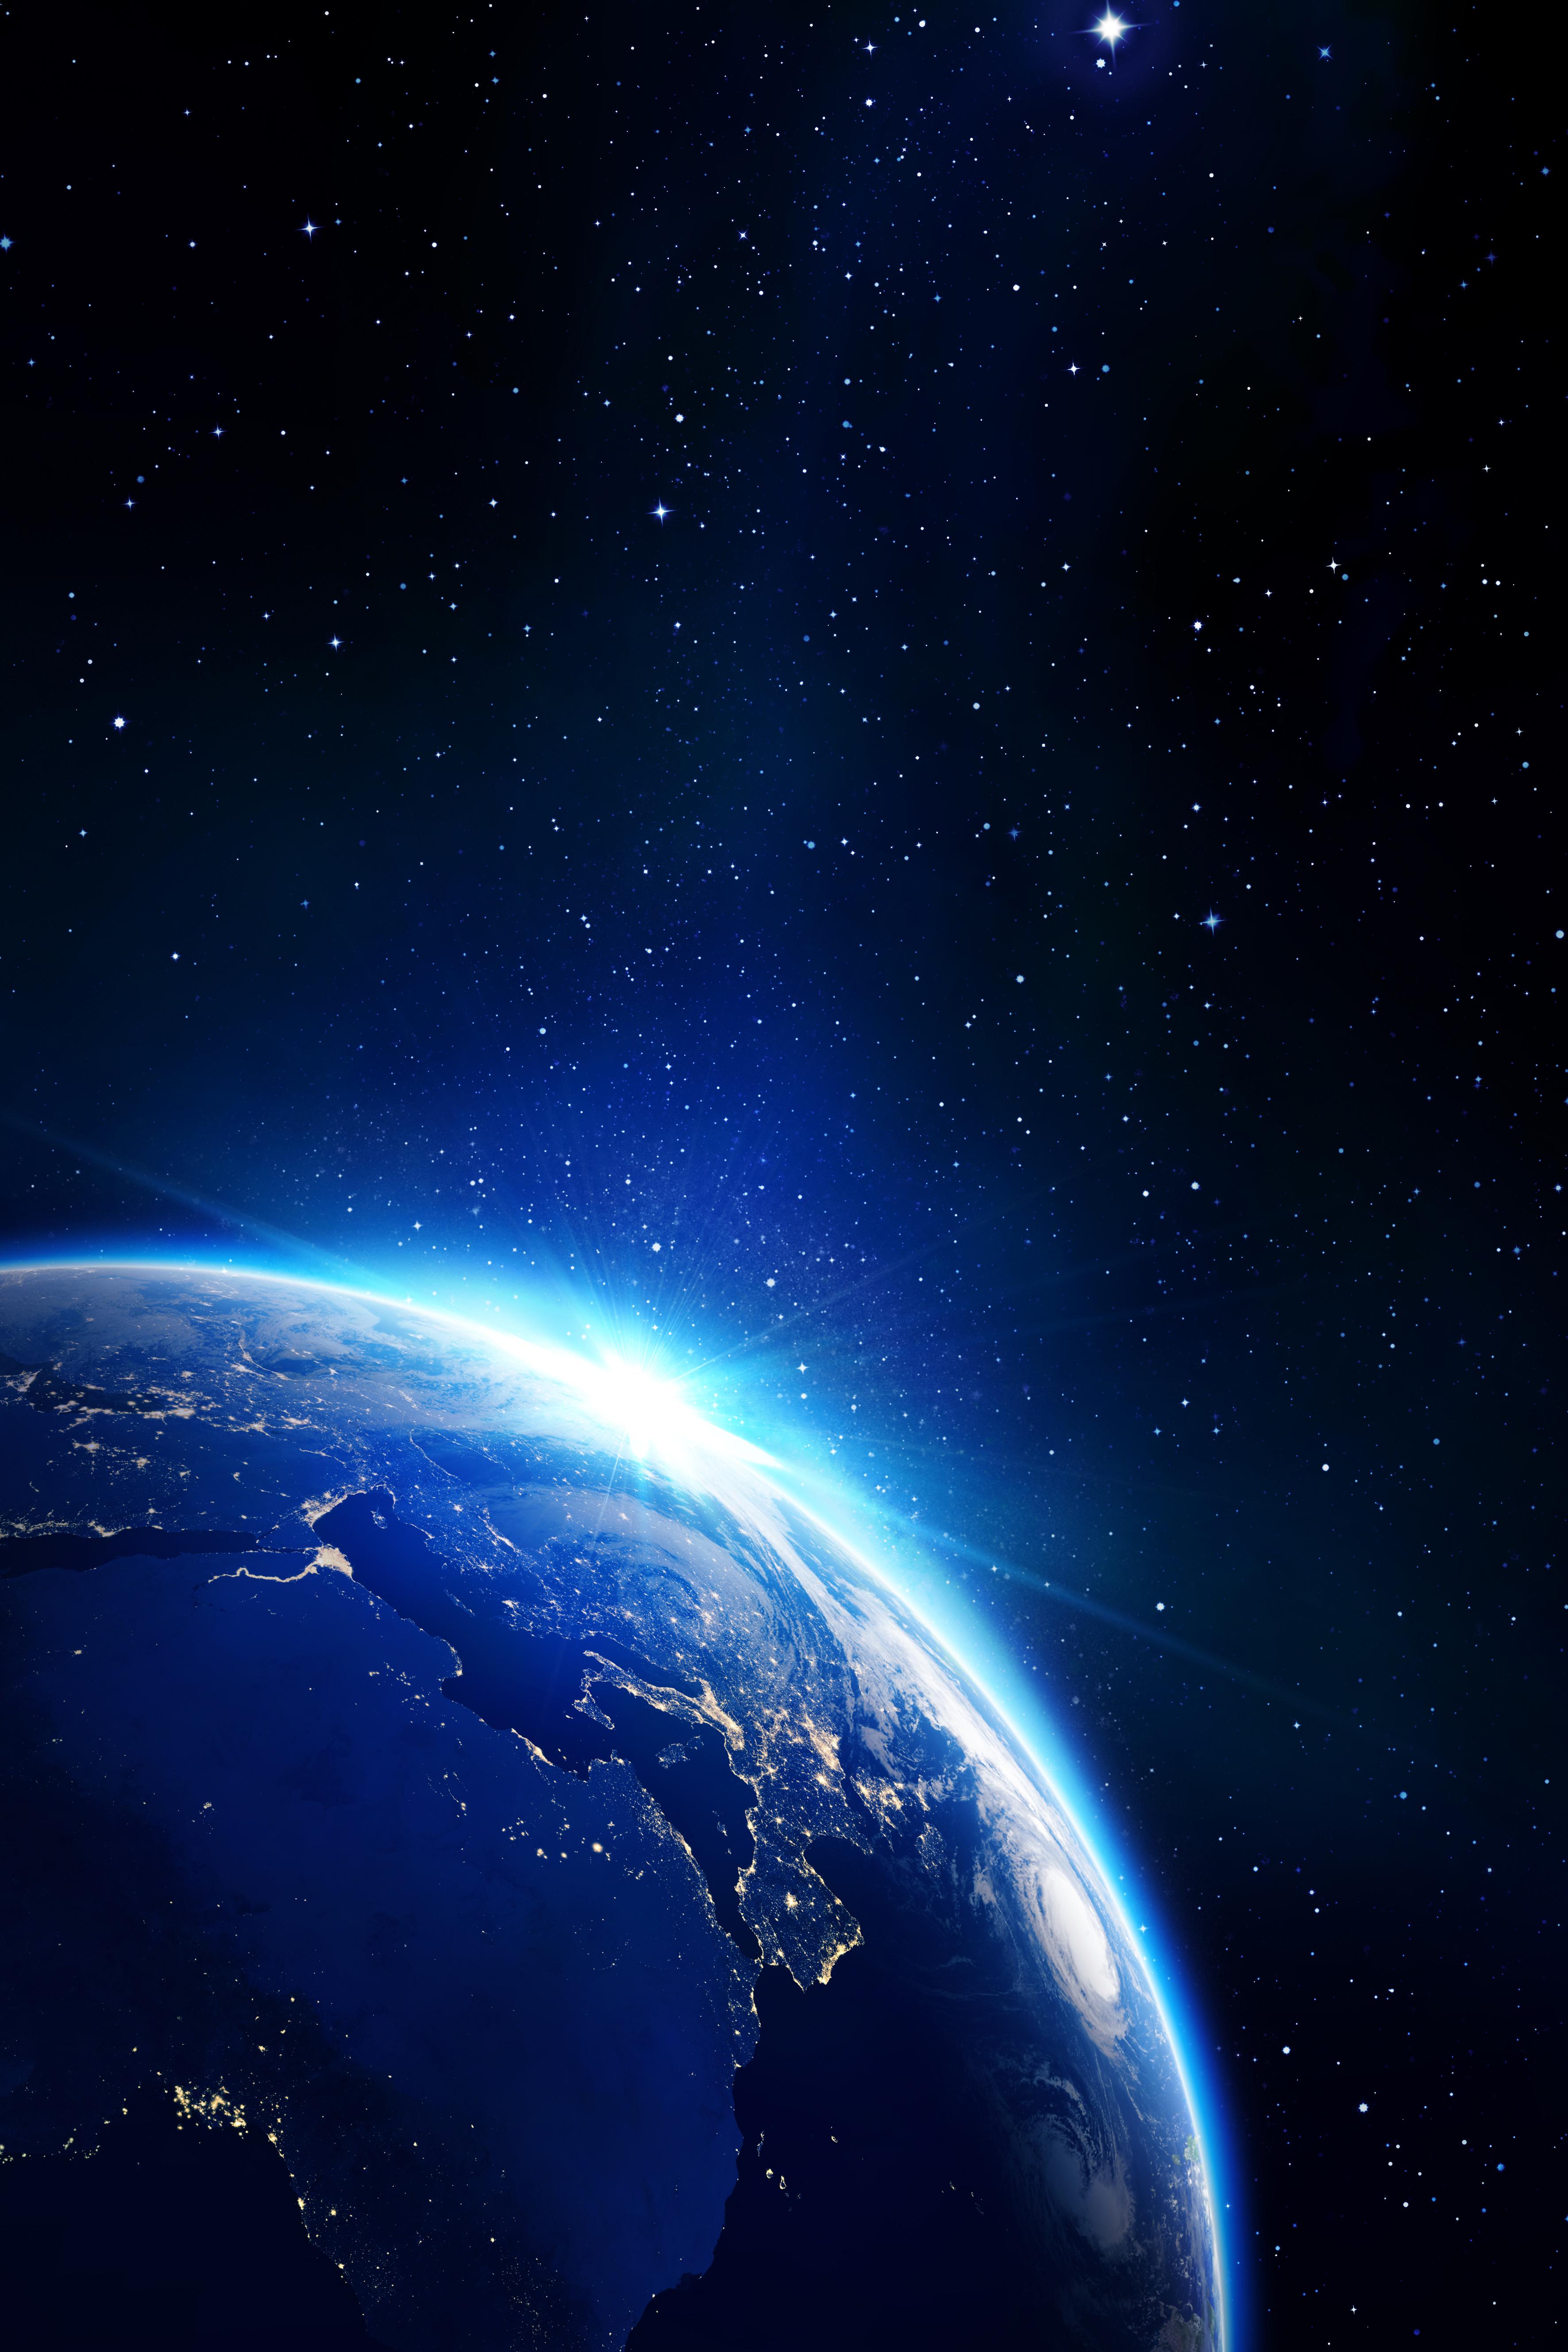 Star corpo celeste pianeta lo spazio sfondo galassia l for Sfondi spazio hd